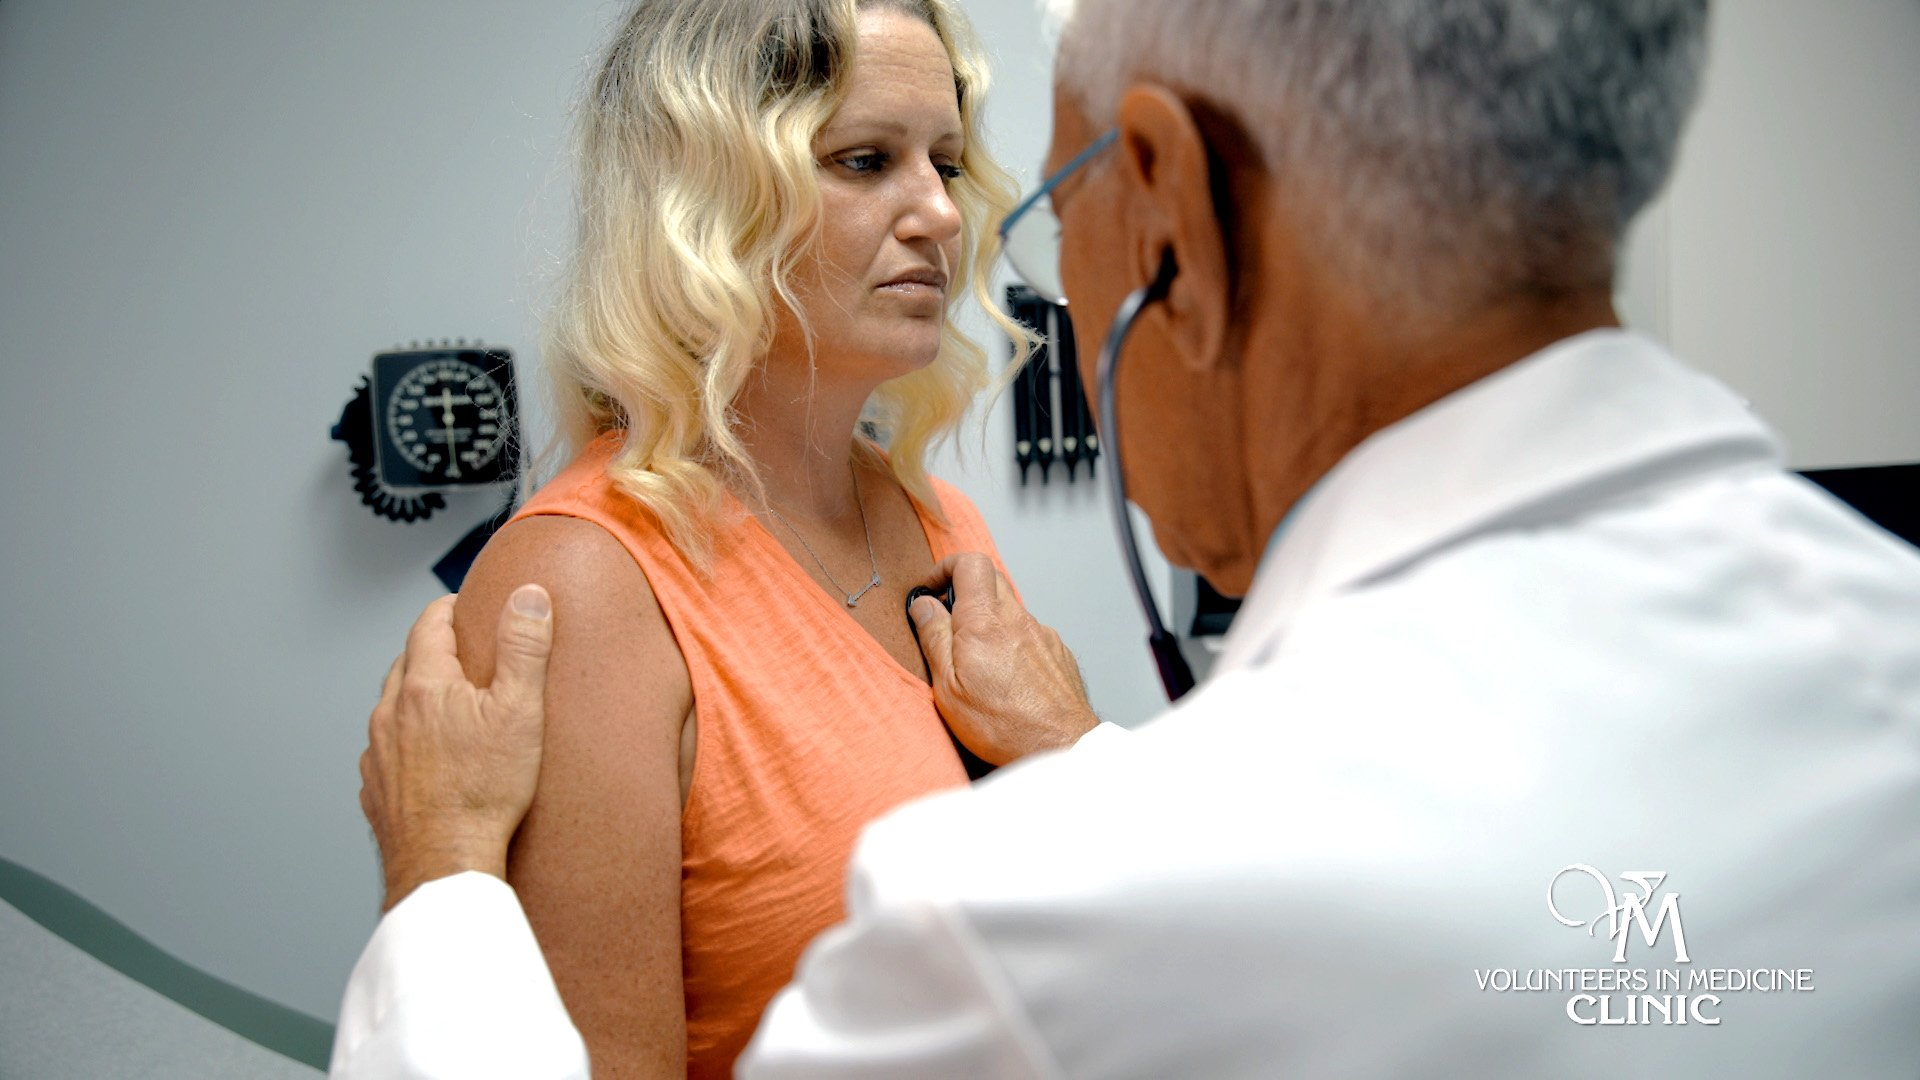 Volunteers in Medicine Clinic's new TV commercials 02